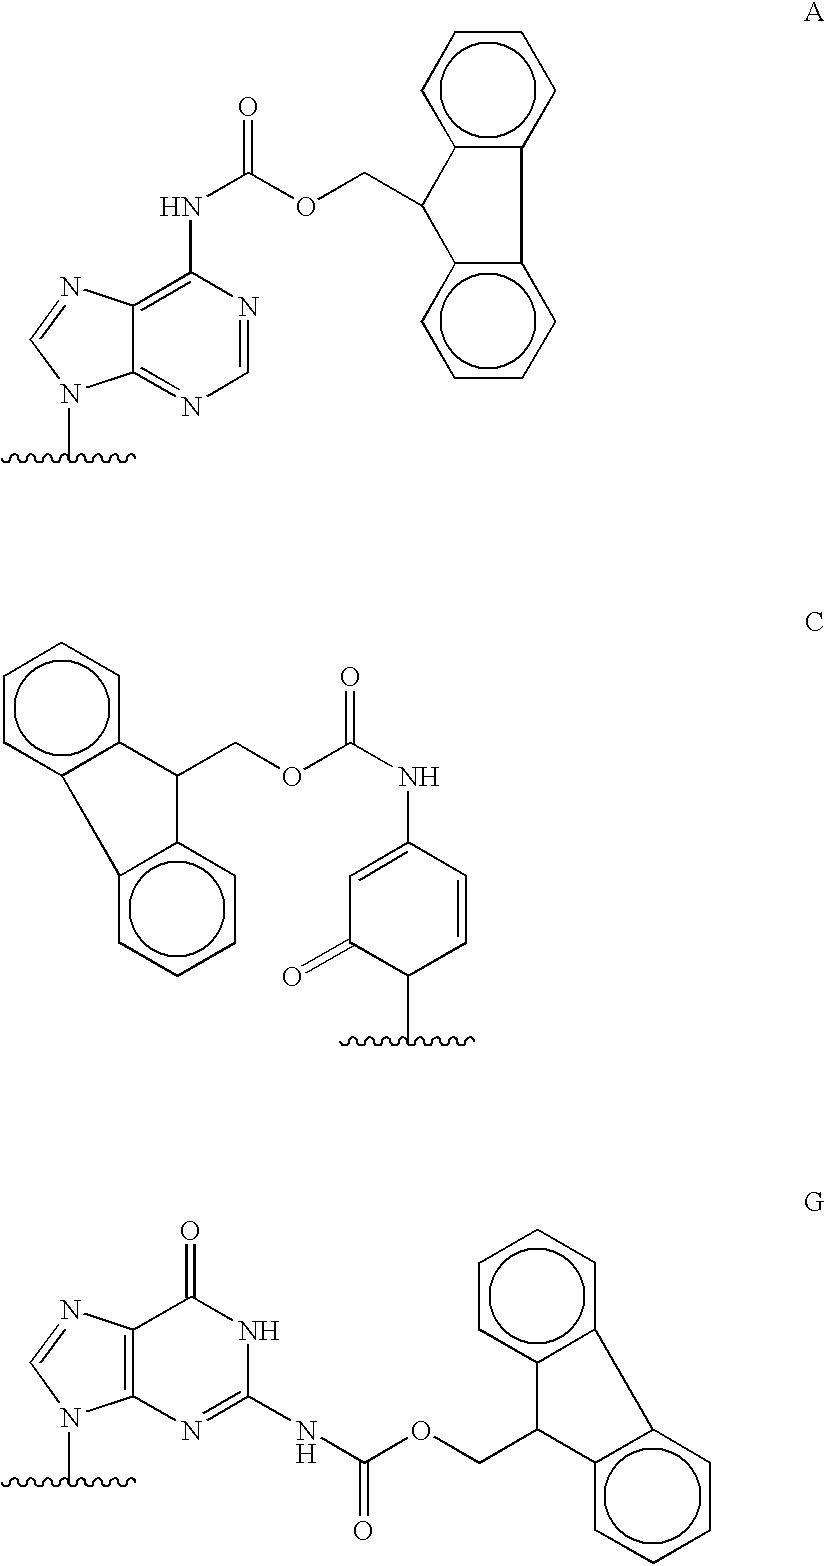 Figure US20020155491A1-20021024-C00004